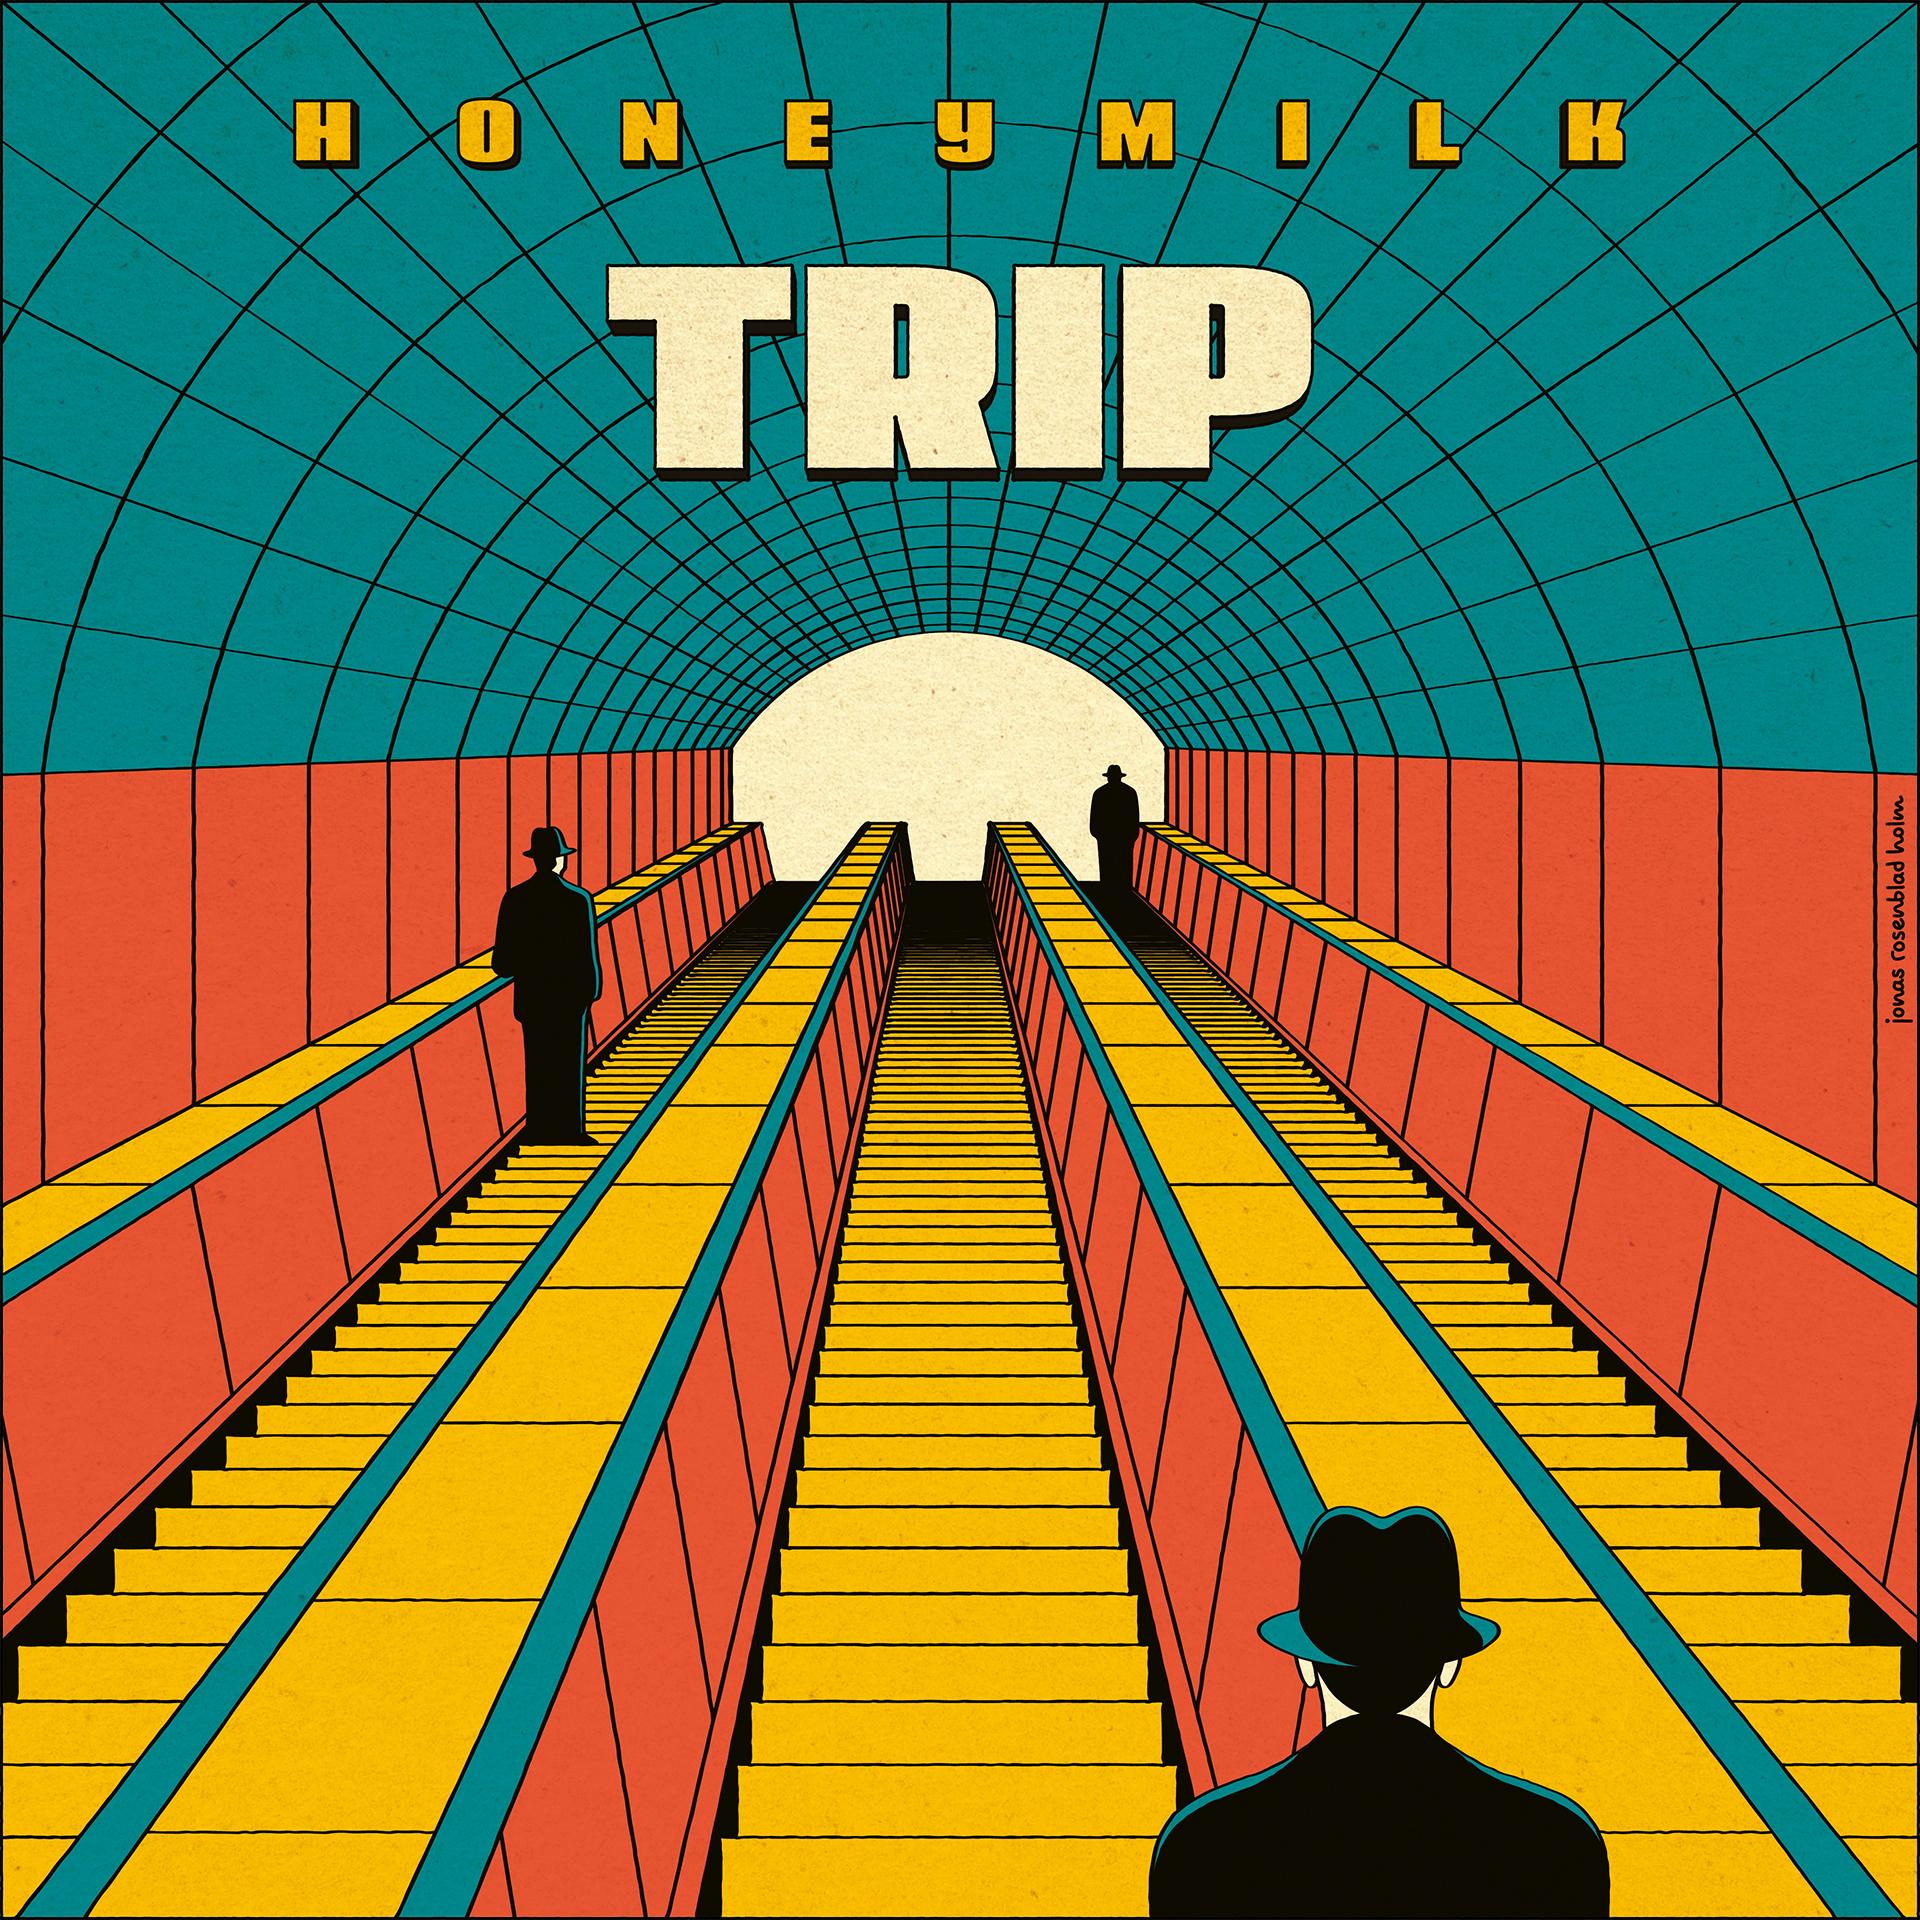 """BIRDS045 - Honeymilk - """"Trip"""""""